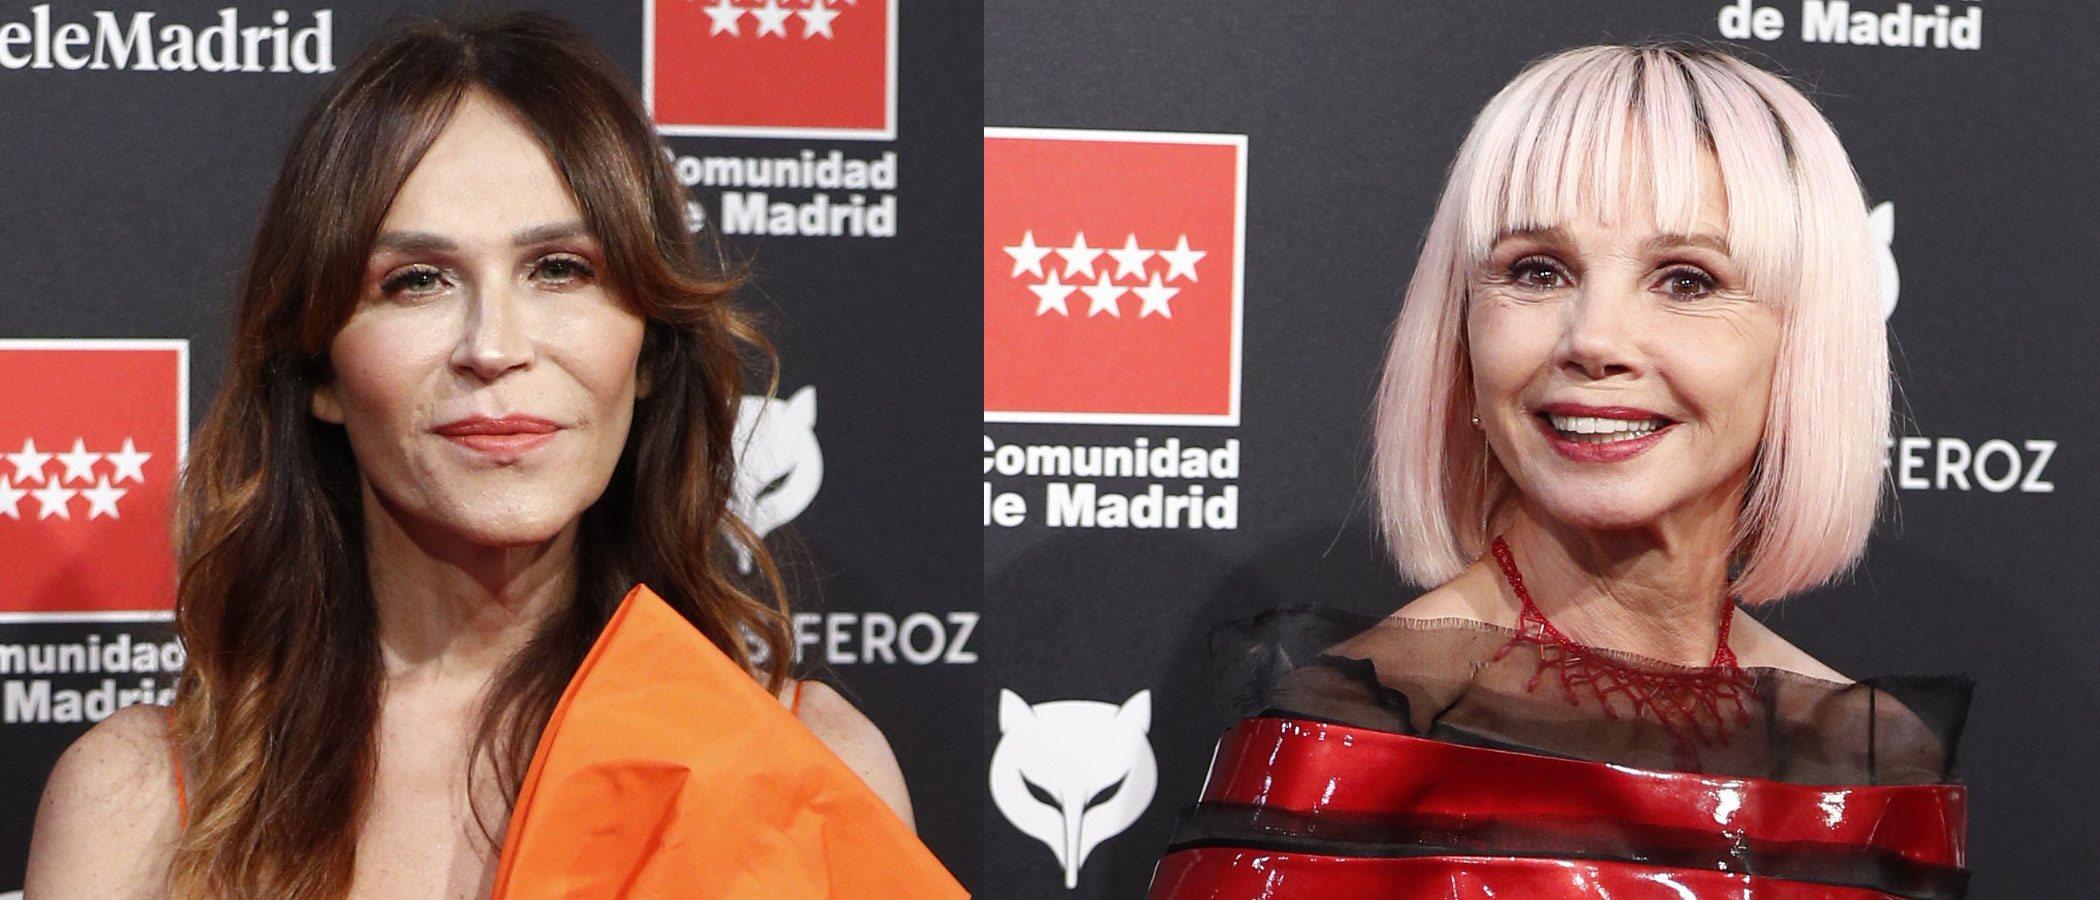 Antonia San Juan y Victoria Abril entre las peor vestidas de los Premios Feroz 2020